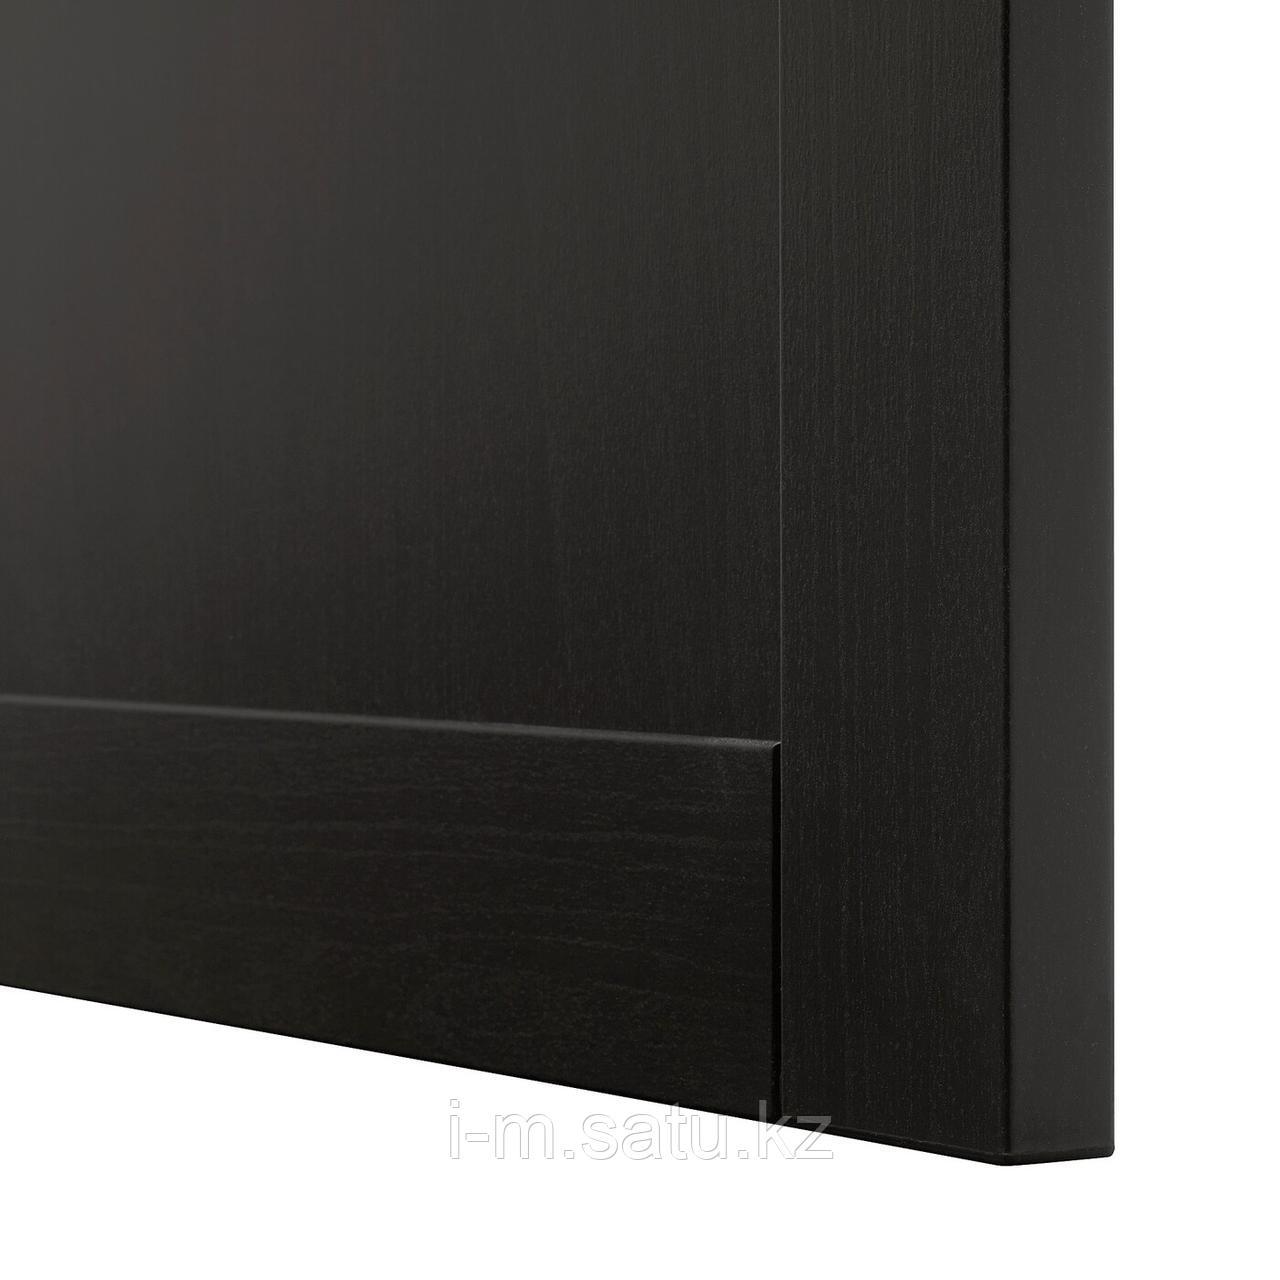 ХАНВИКЕН Дверь/фронтальная панель ящика, черно-коричневый, 60x38 см